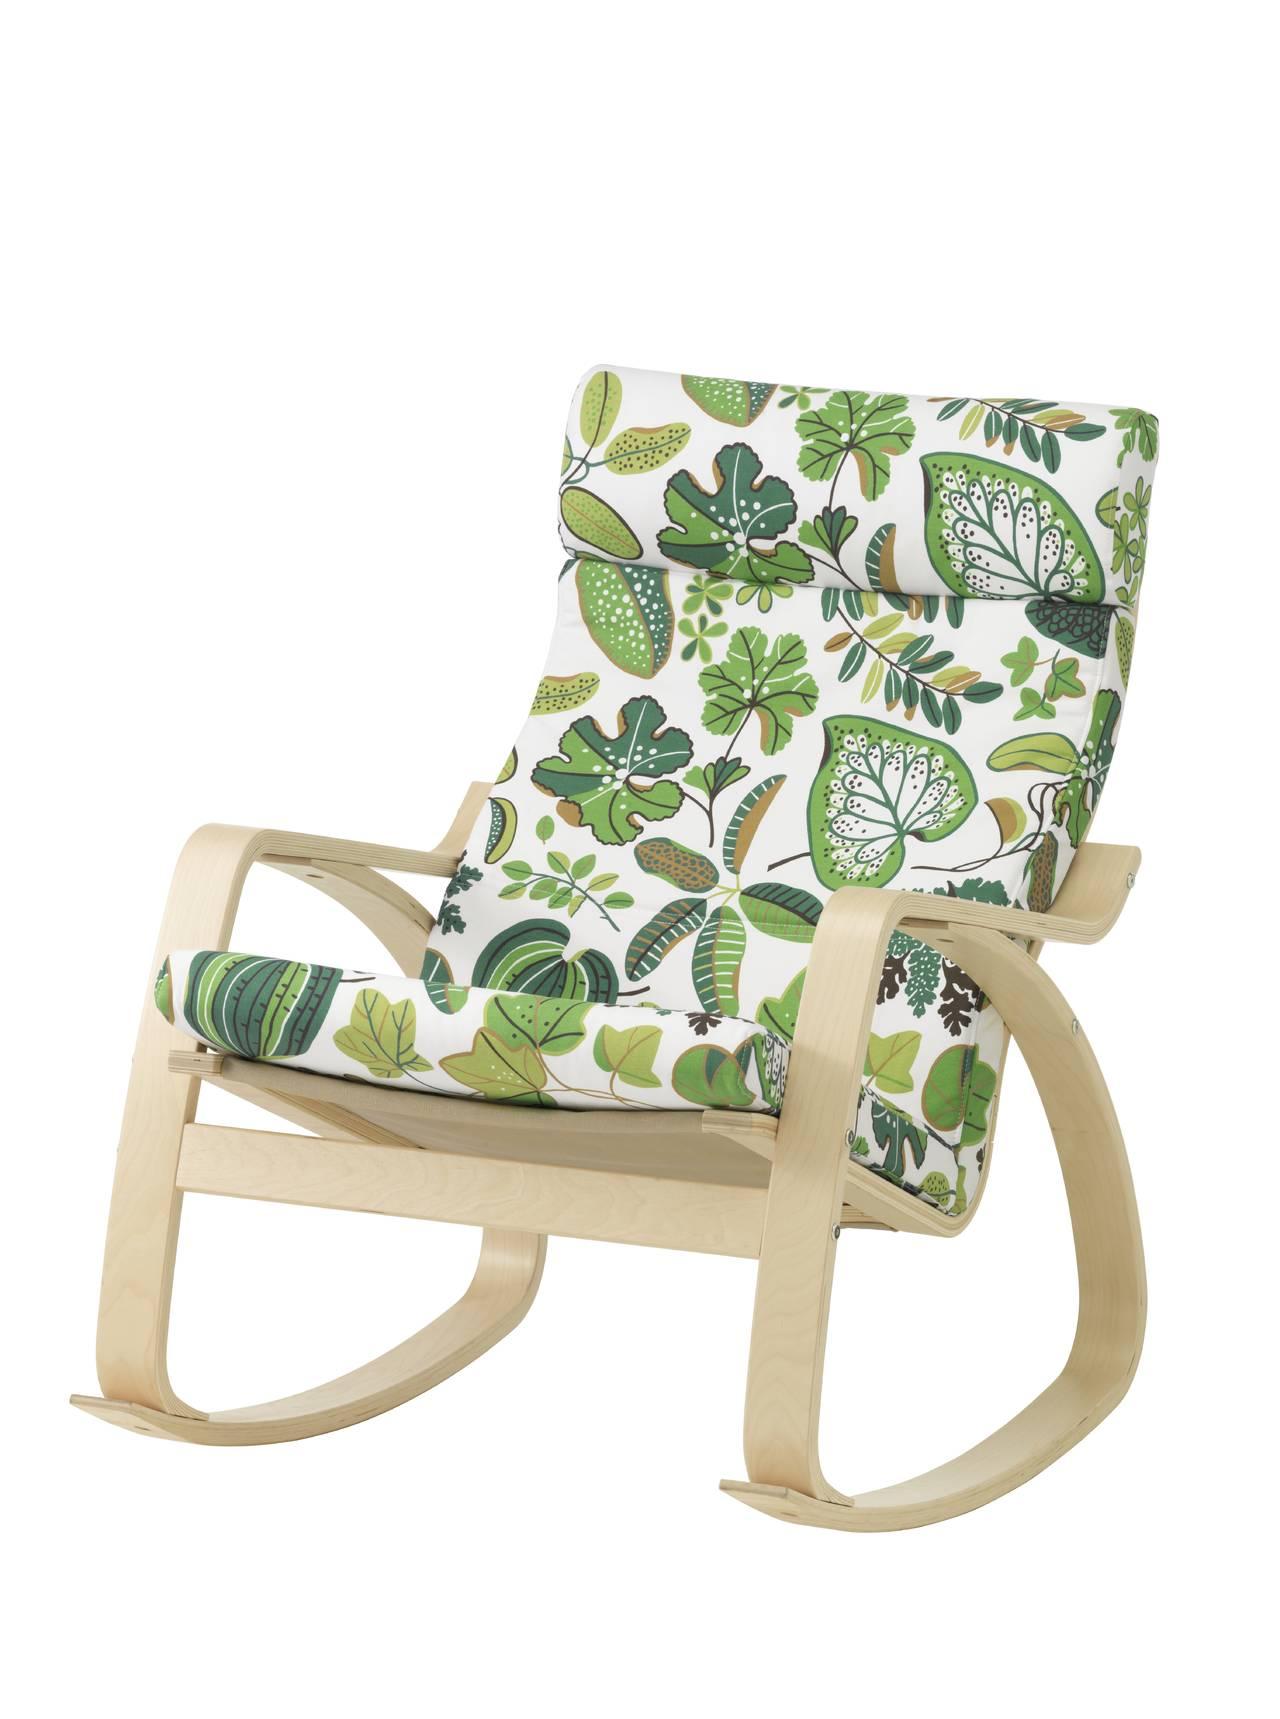 Greenery il verde il colore dell 39 anno - Ikea sedia dondolo ...